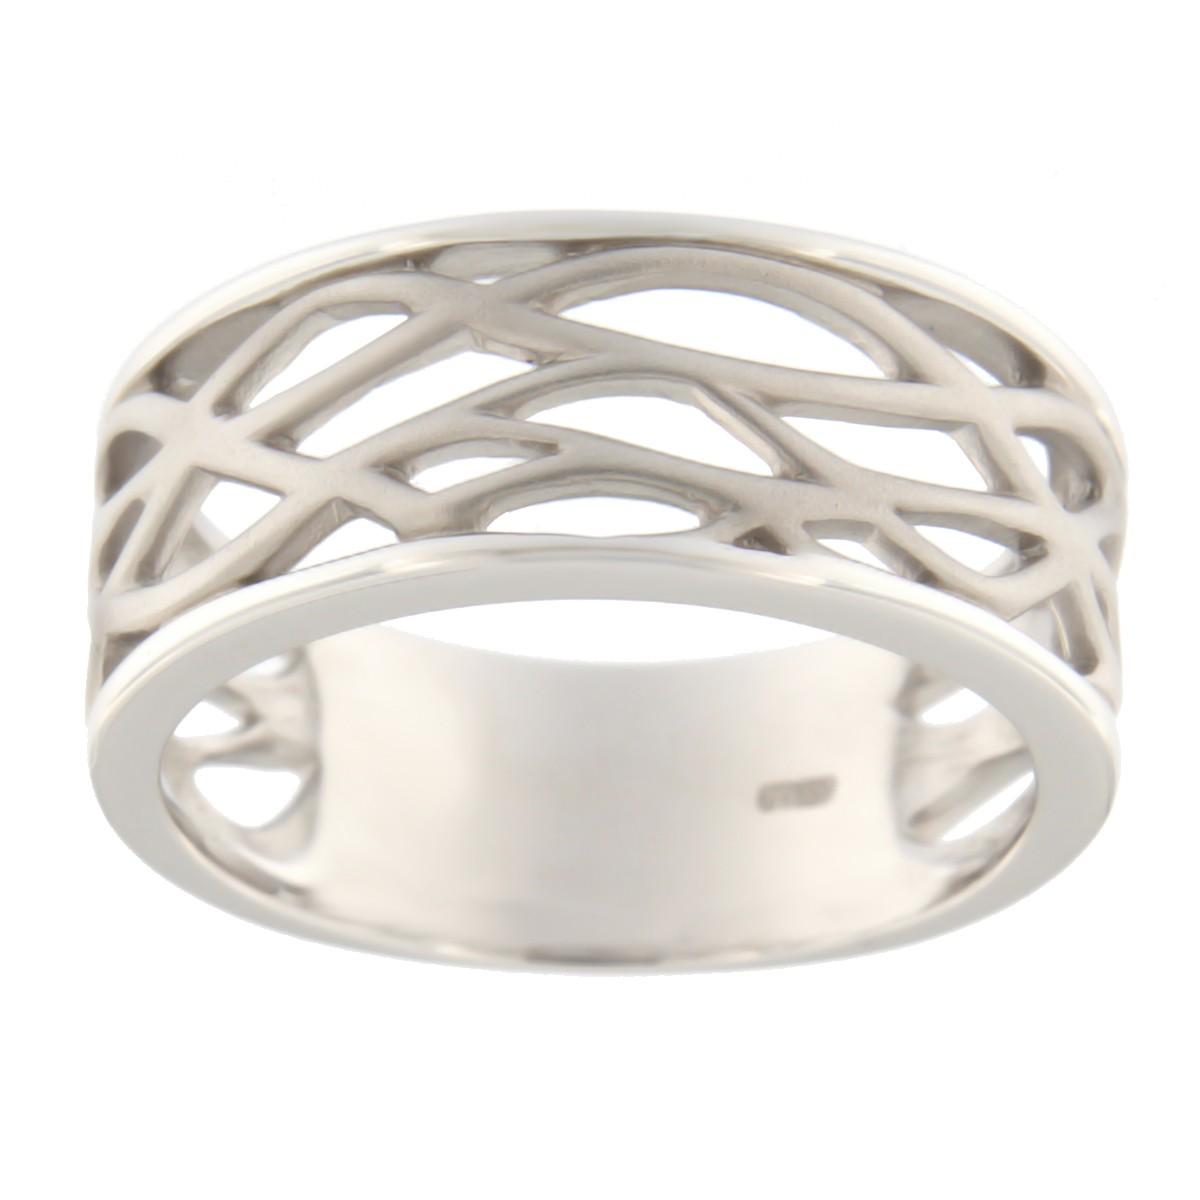 Hõbedast sõrmus Kood: 4401496-0-RHD